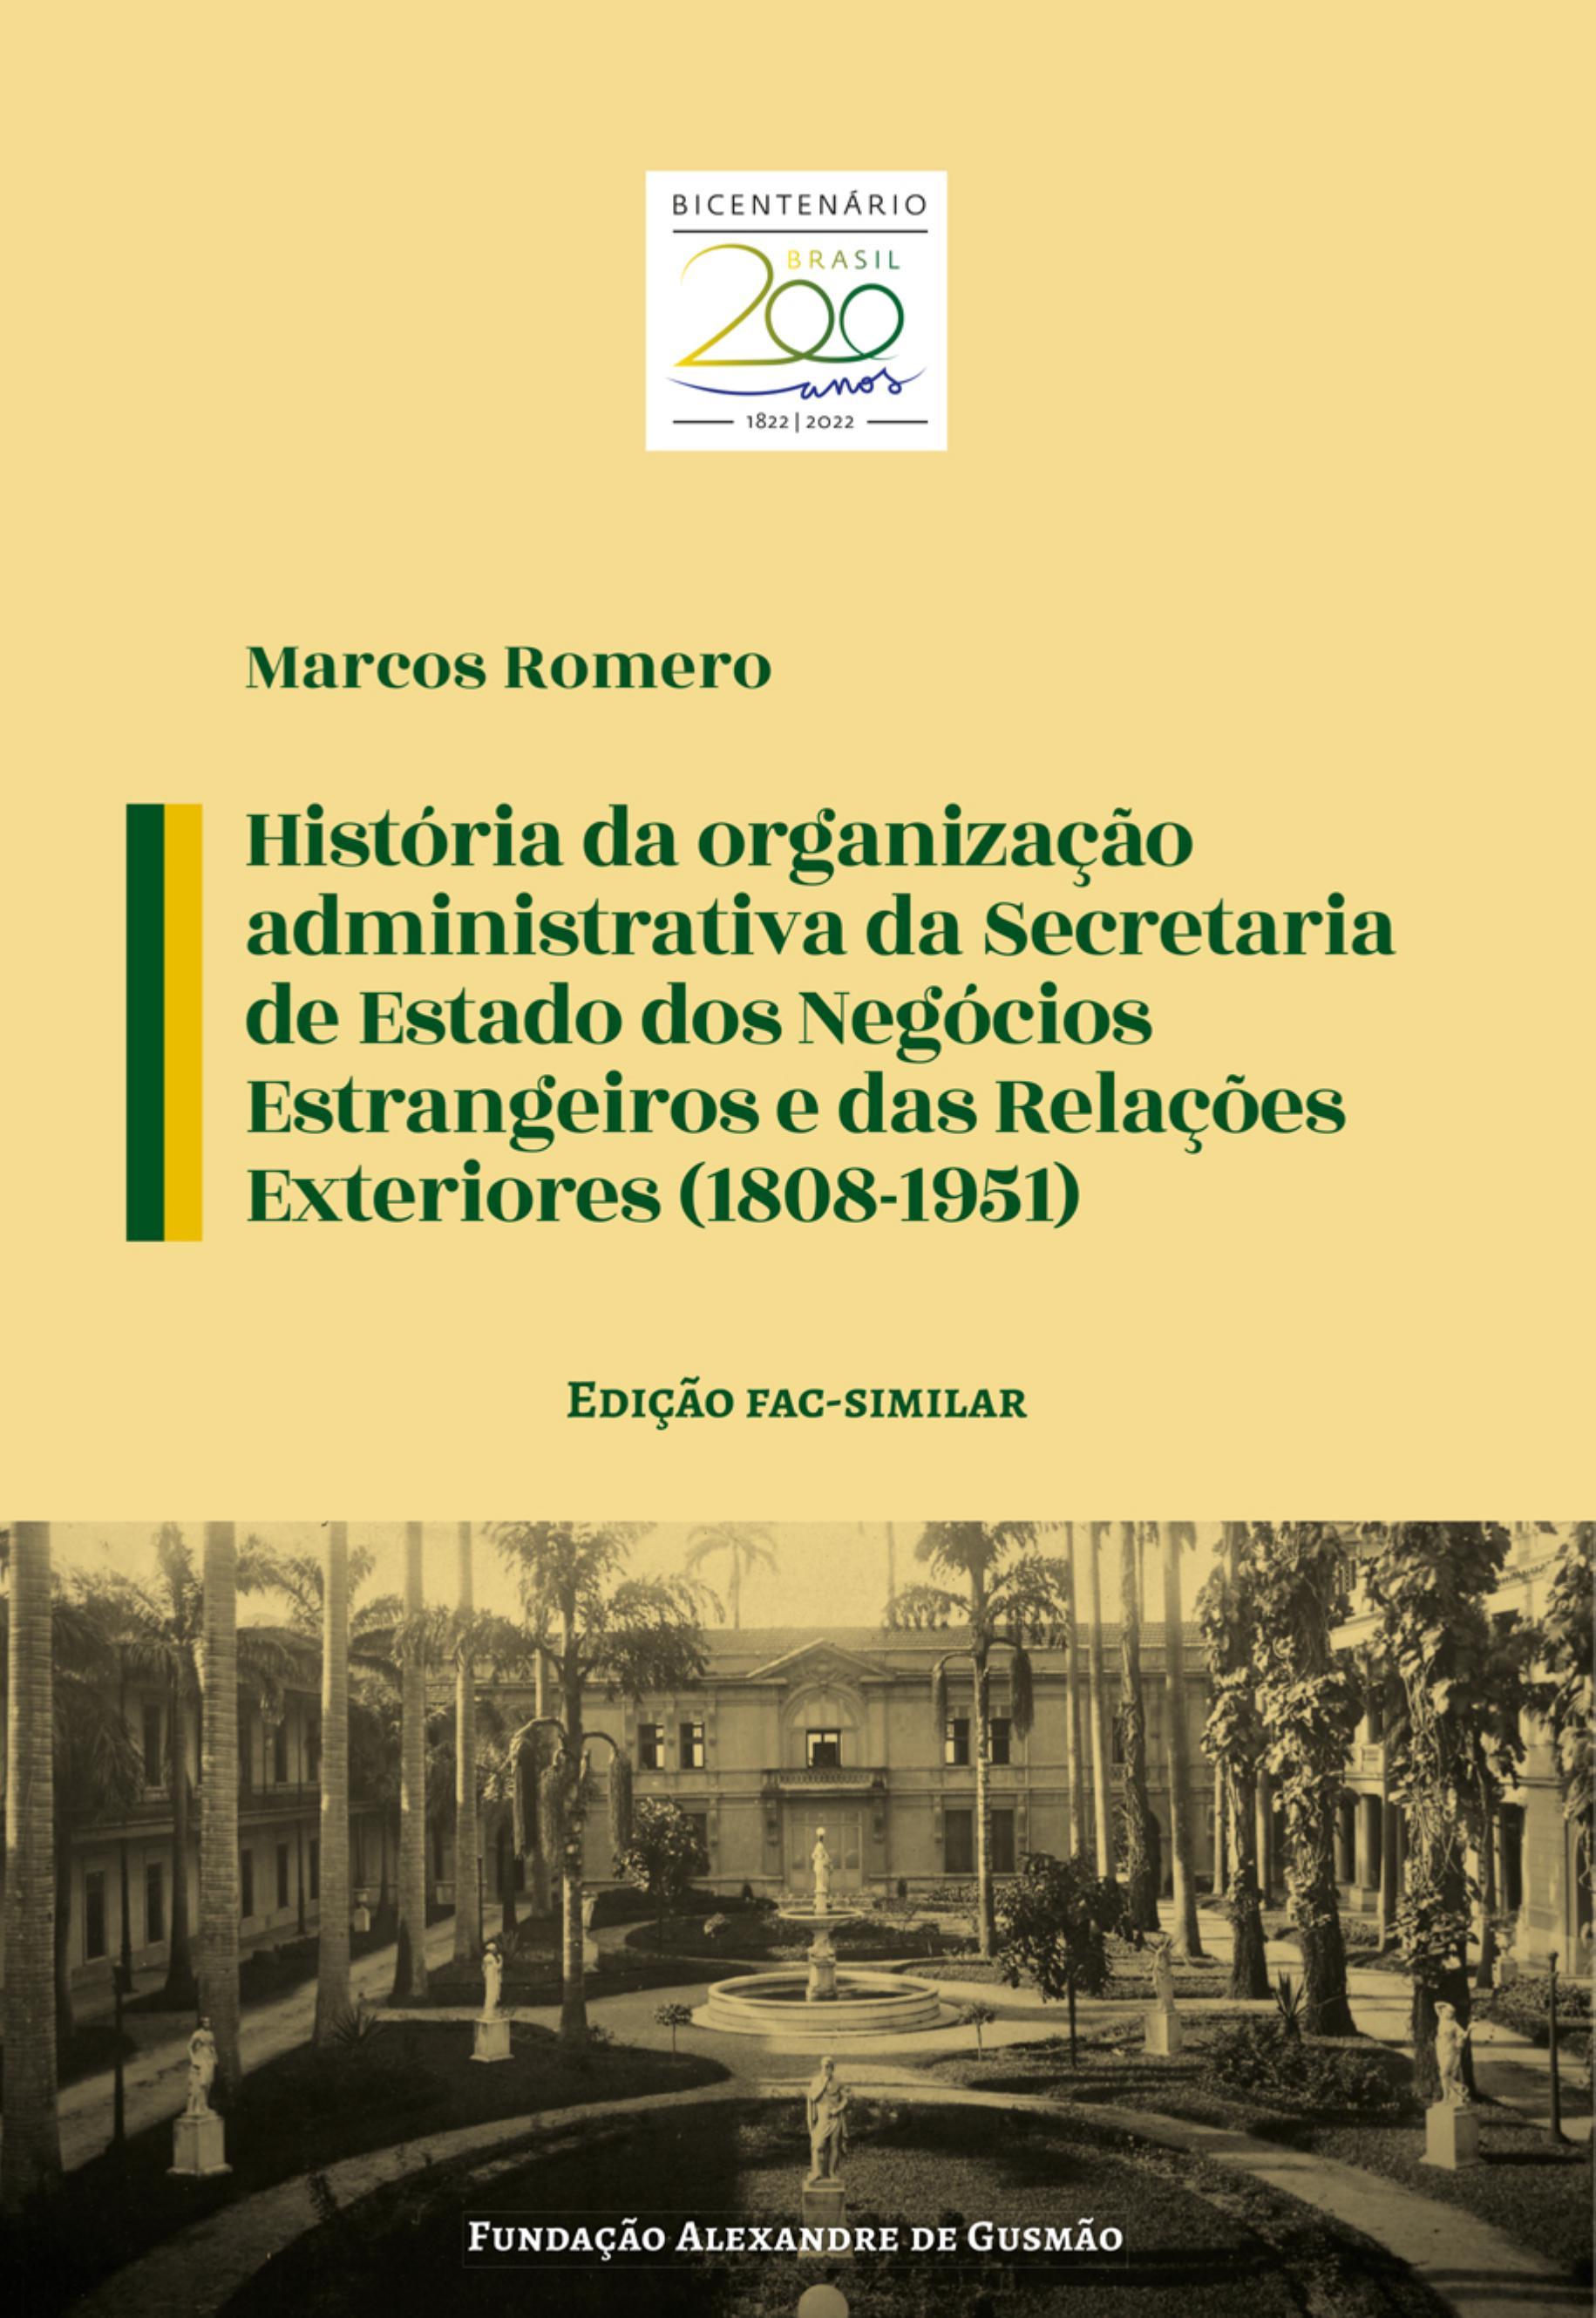 História da organização administrativa da Secretaria de Estado dos Negócios Estrangeiros e das Relações Exteriores (1808-1951)